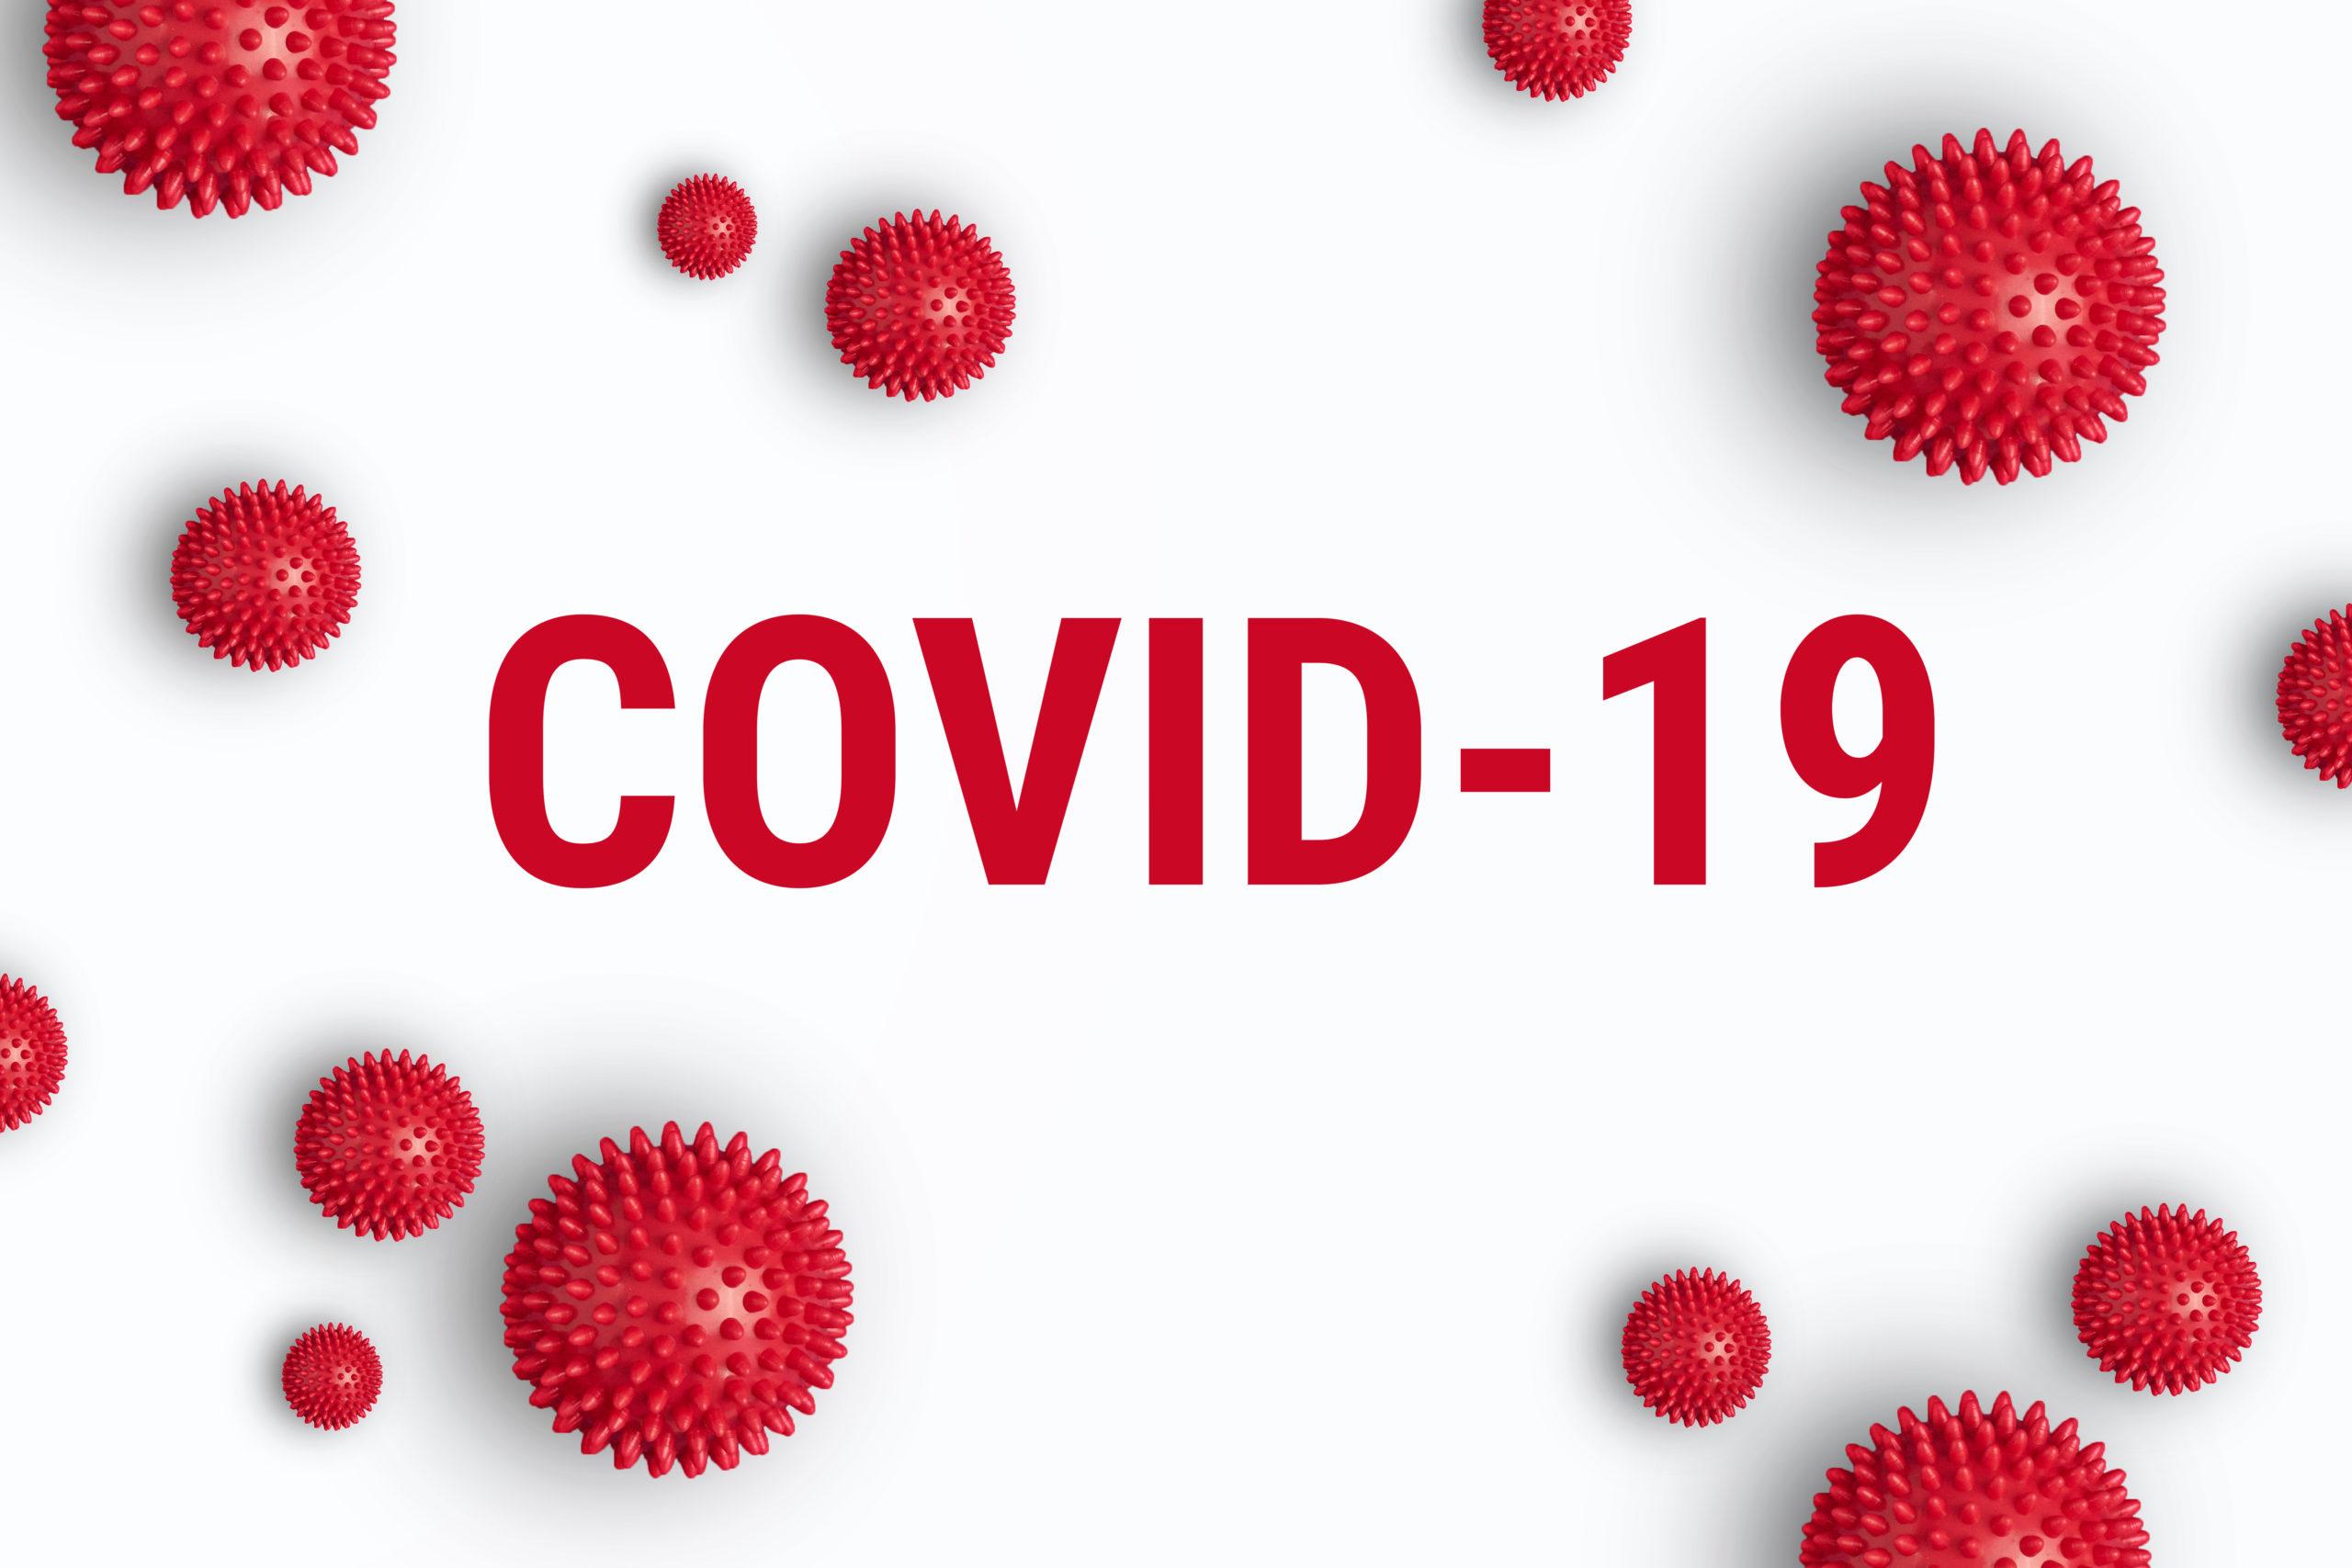 COVID-19 DESKGO